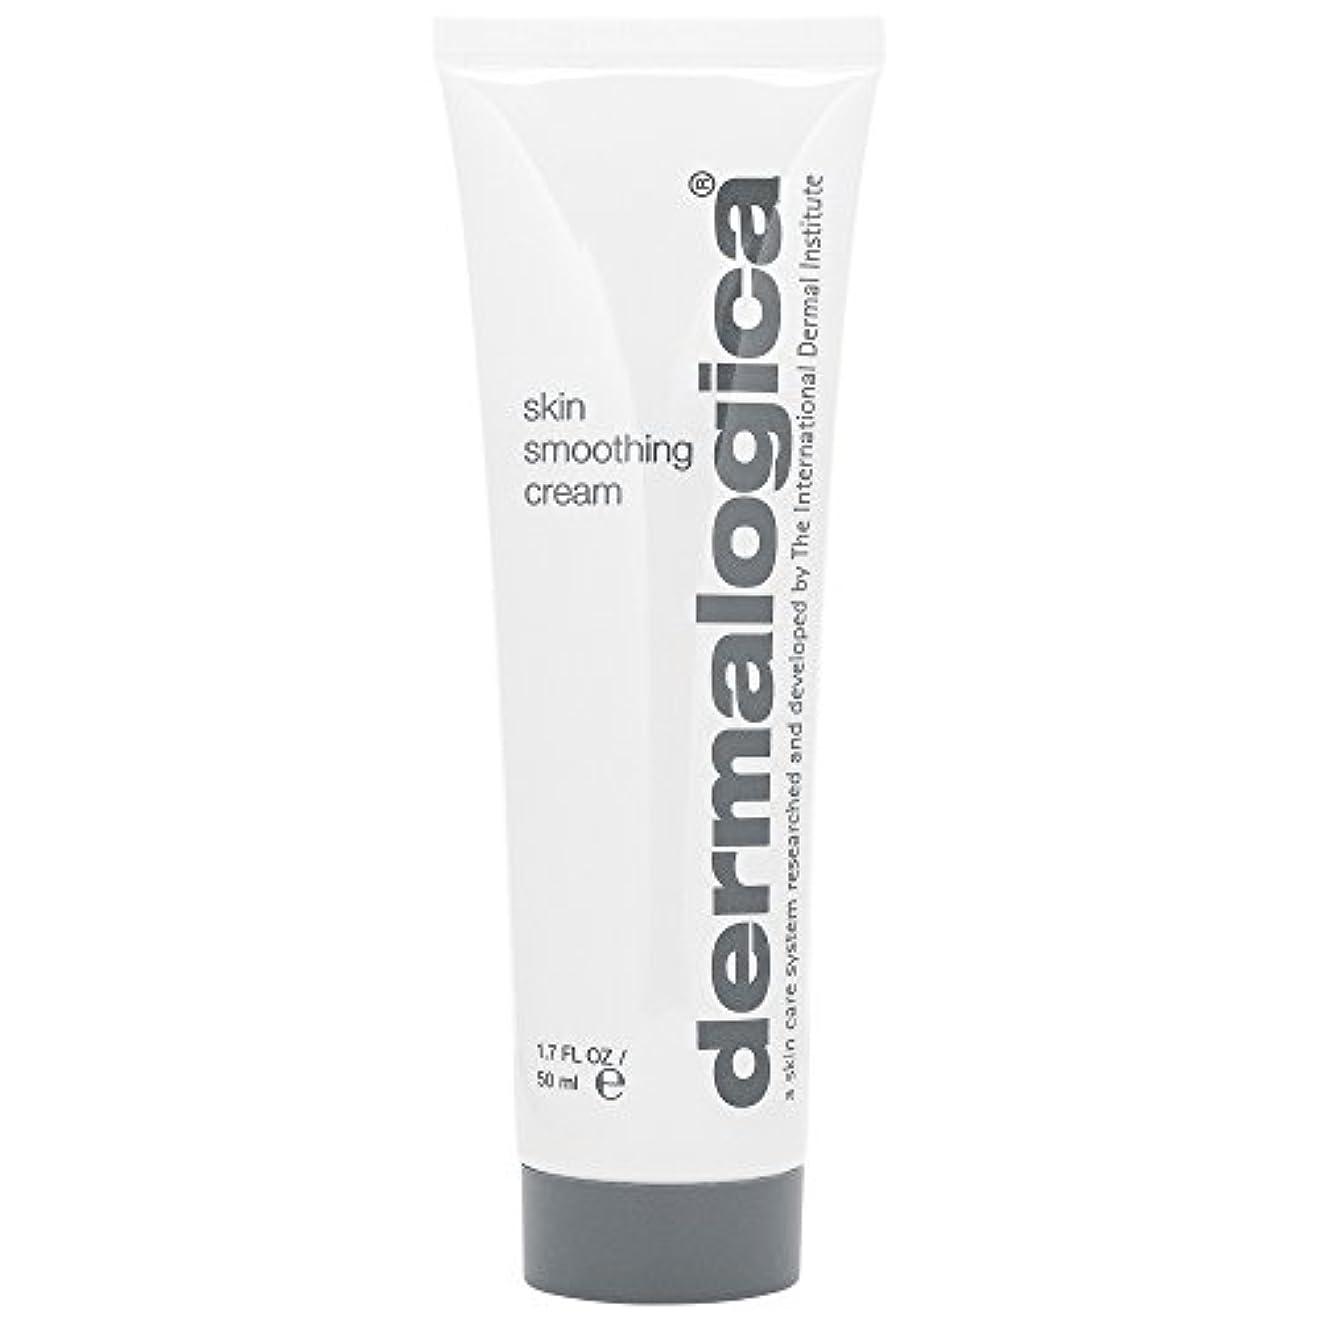 世論調査日付保険をかけるダーマロジカスキンスムージングクリーム50ミリリットル (Dermalogica) (x6) - Dermalogica Skin Smoothing Cream 50ml (Pack of 6) [並行輸入品]